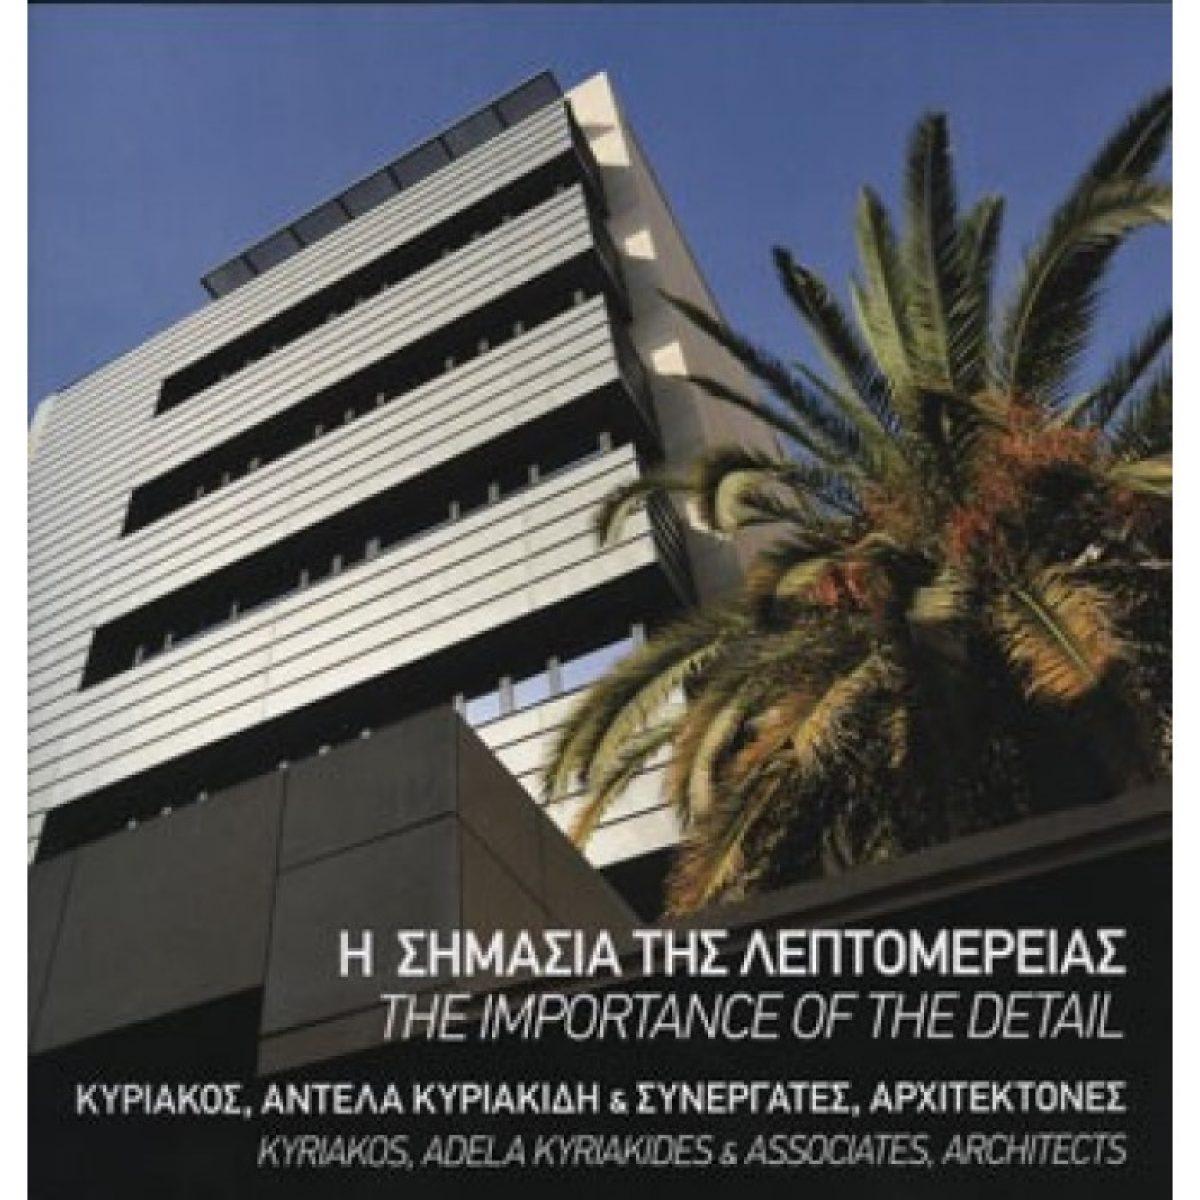 """Εκδήλωση """"Πανόραμα Σύγχρονης Αρχιτεκτονικής"""", από τον Σύλλογο Αρχιτεκτόνων Λάρισας"""